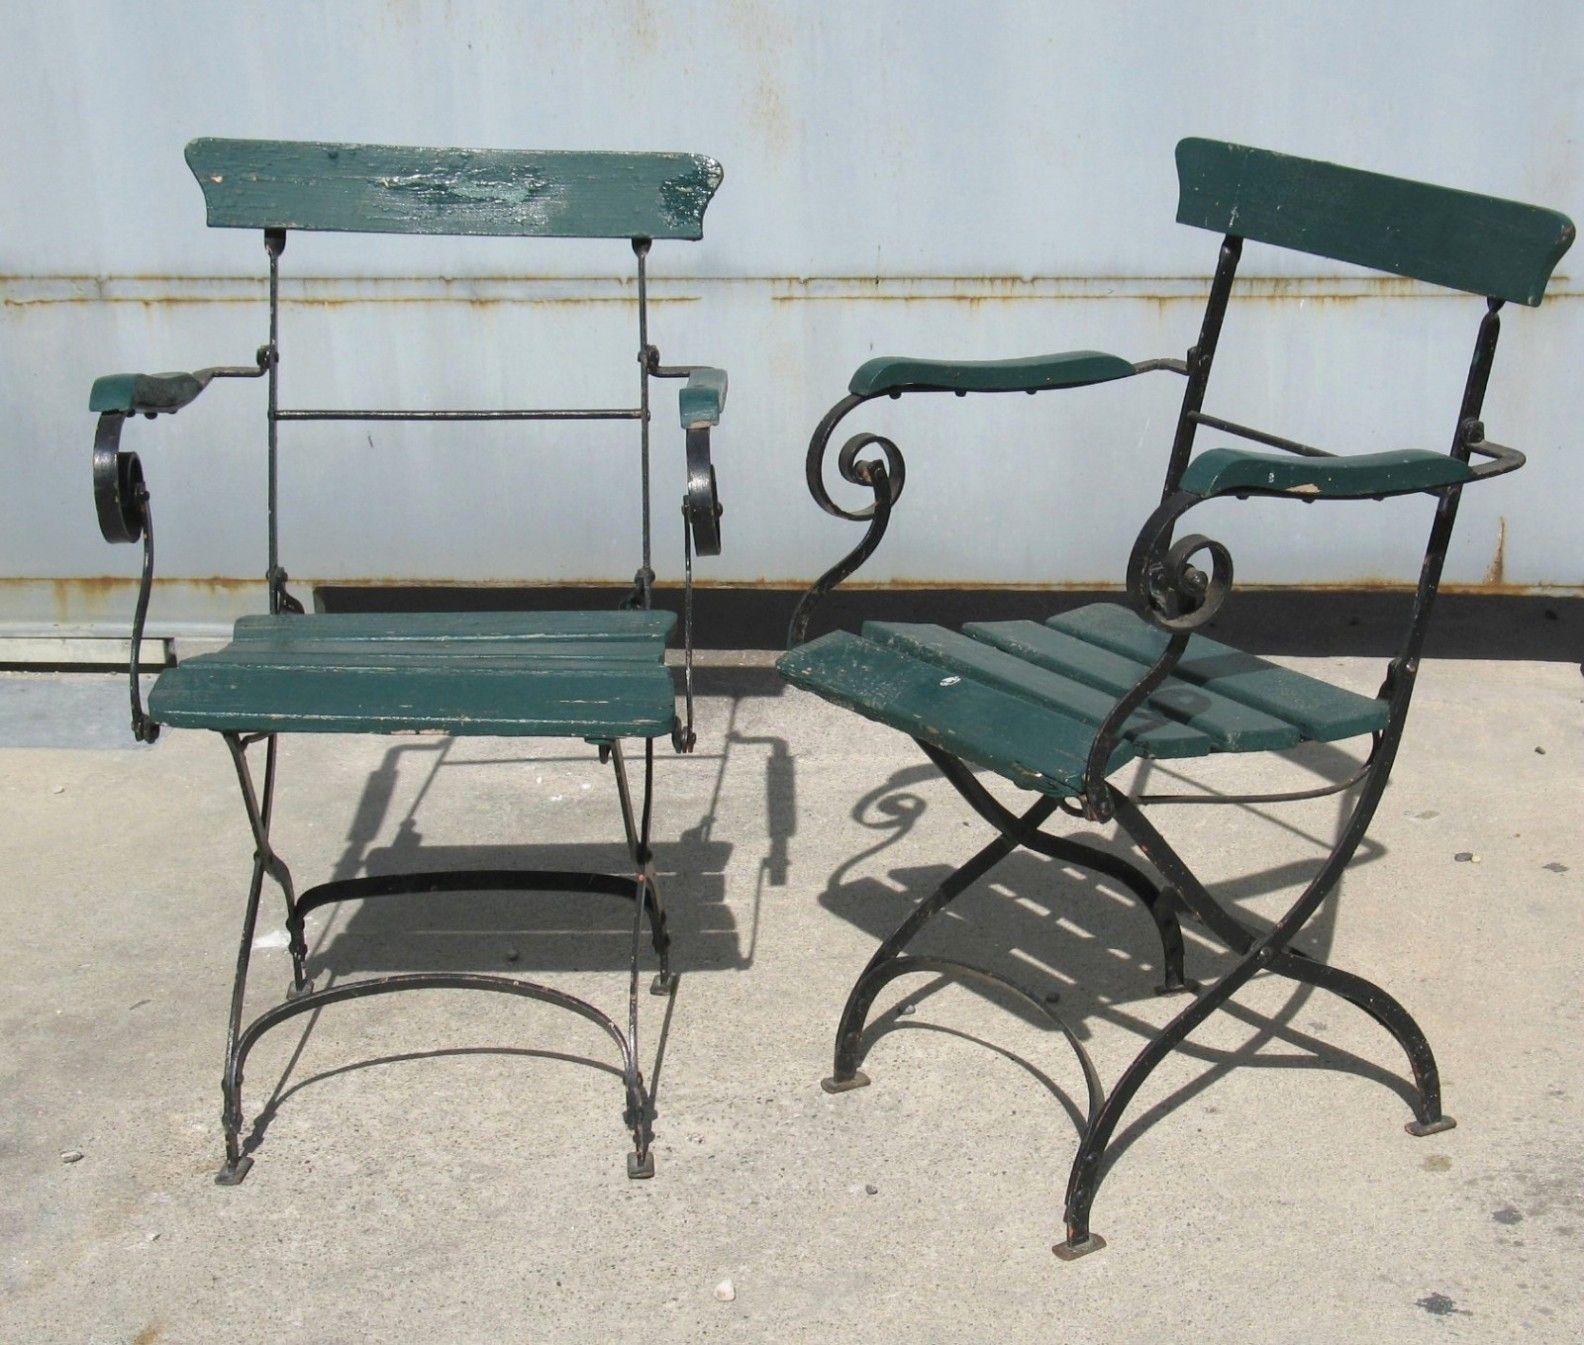 fauteuil de jardin 2 places ou lesmeubles fauteuil jardin bois elegant chaise chene 0d archives de fauteuil de jardin 2 places